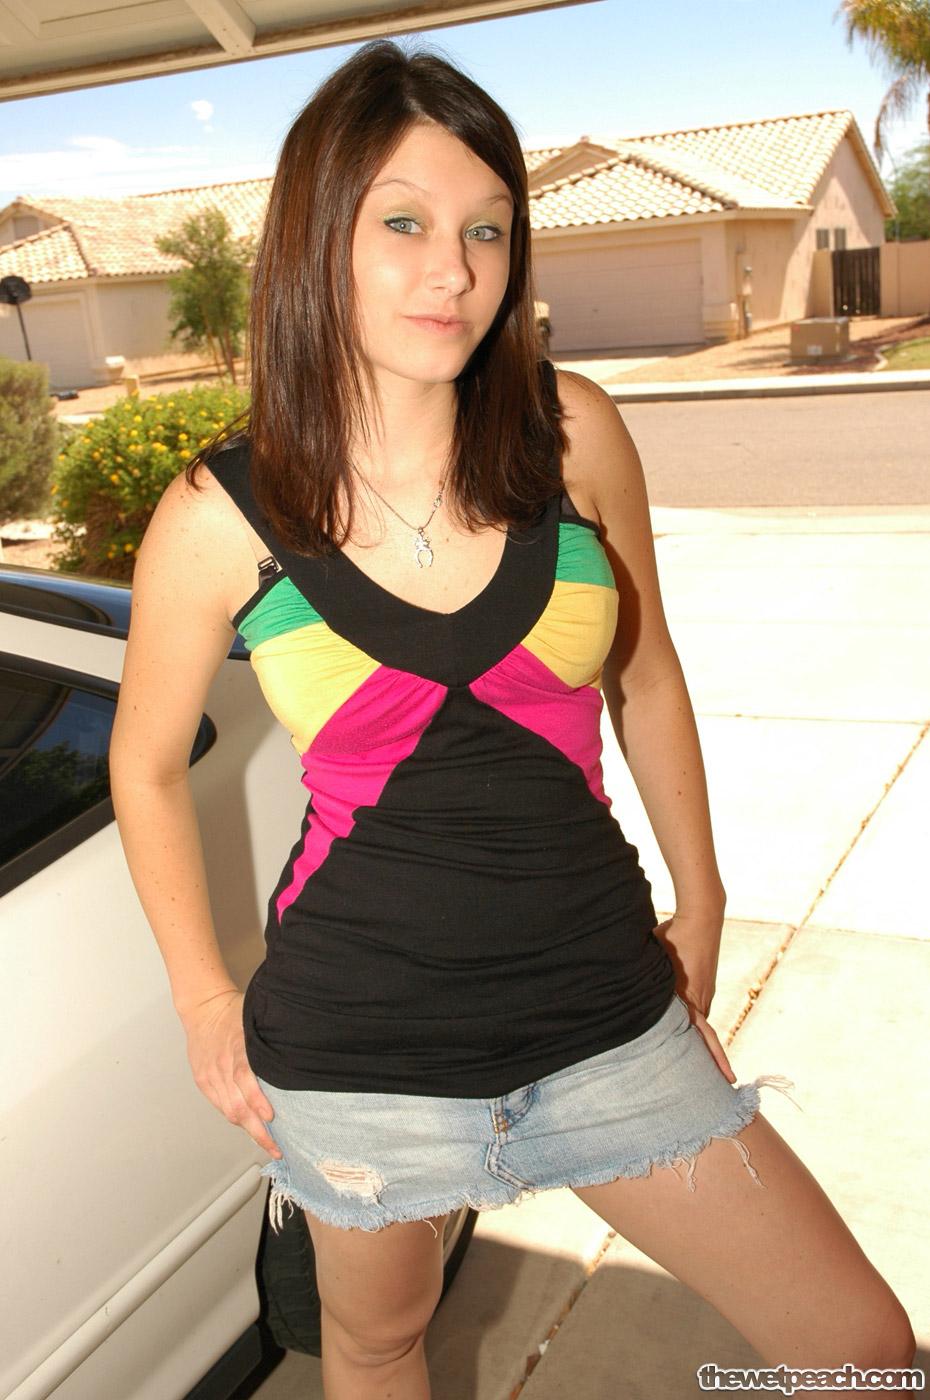 Gina lynn boobs